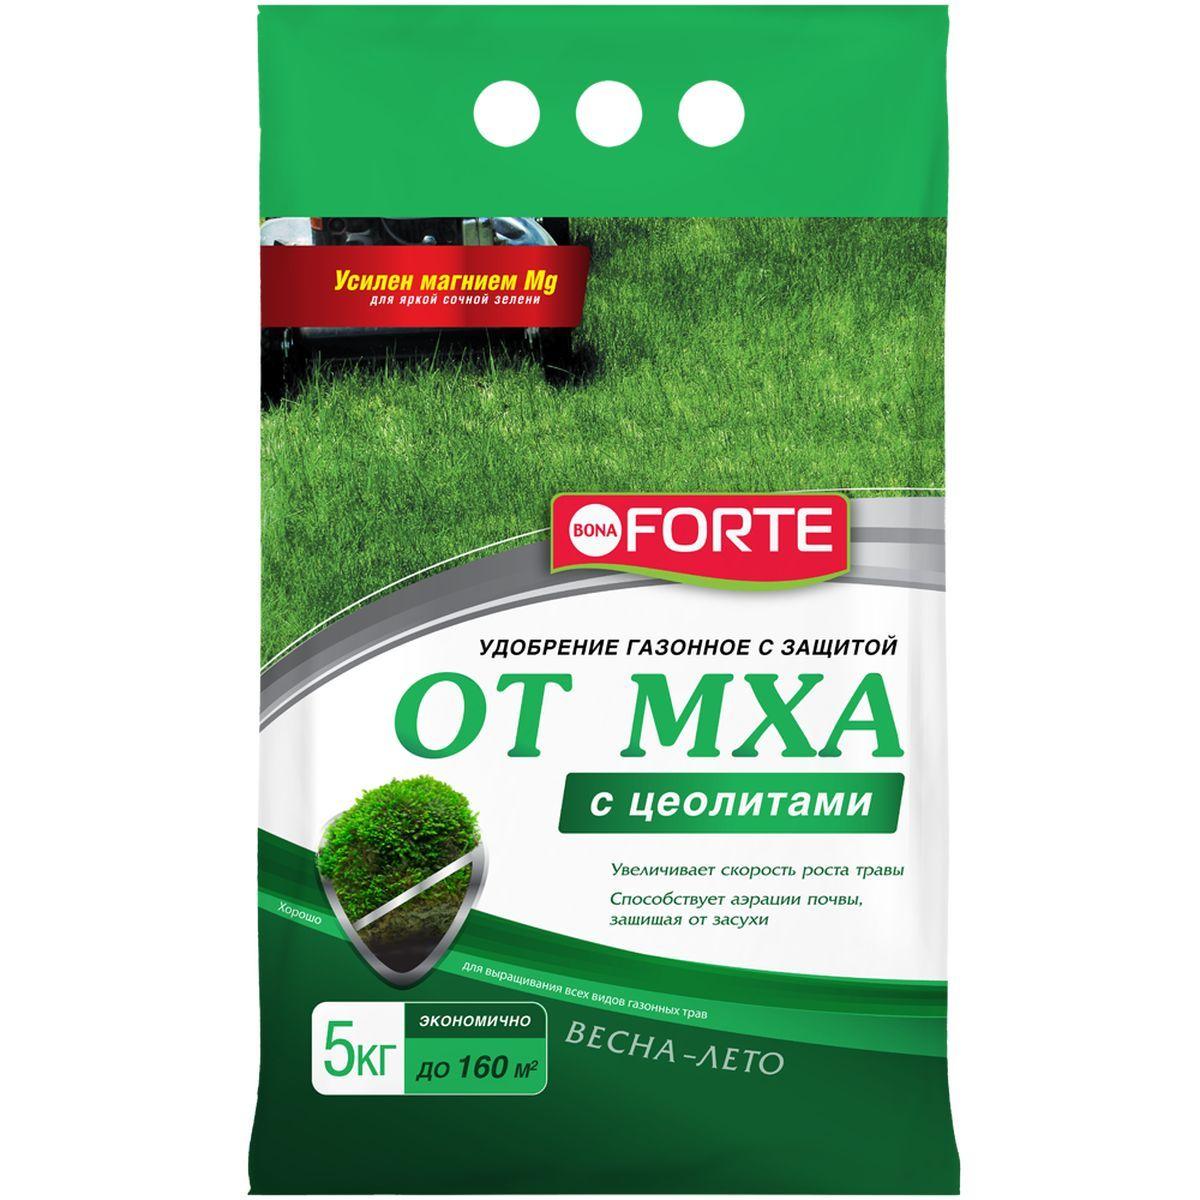 Удобрение для газона Bona Forte, с защитой от мха, 5 кгBF-23-01-036-1Удобрение Bona Forte предназначено для применения в затененных, ослабленных мхом газонах.- уничтожает мох на газоне;- предотвращает рост мха;- обеспечивает питание газона и разрыхление почвы;- придает газону насыщенный зеленый цвет.